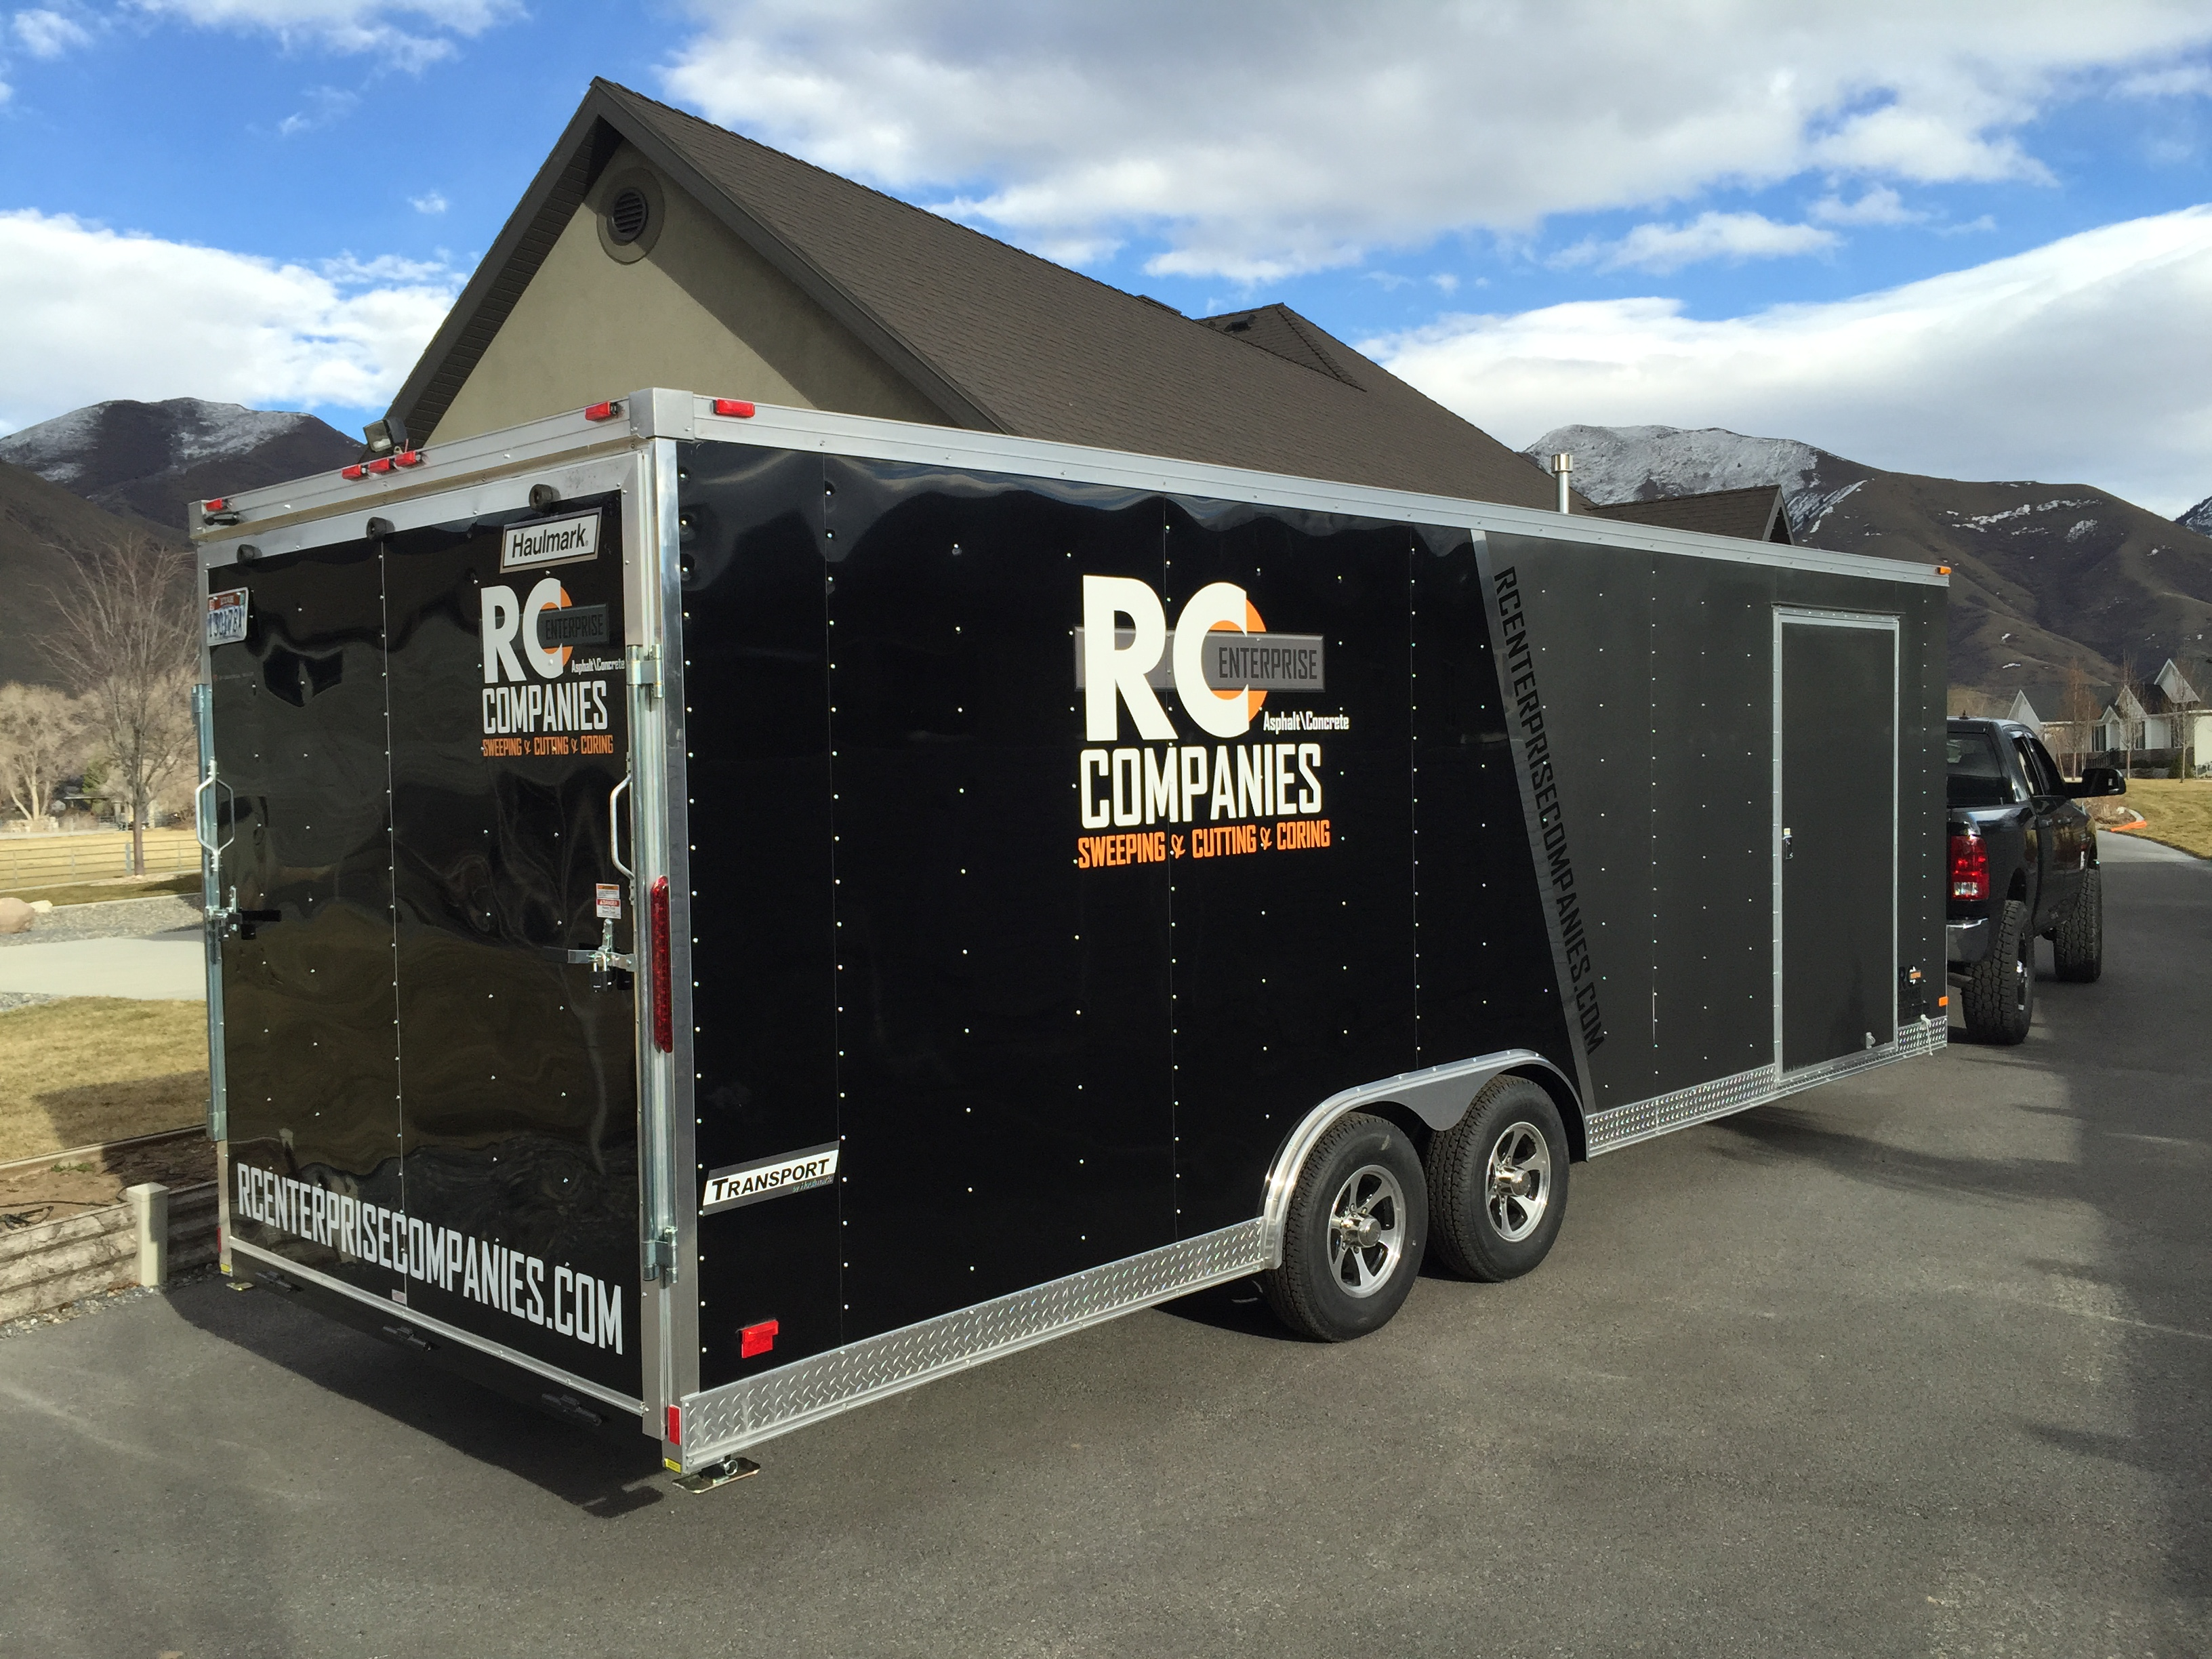 RC Enterprise Companies